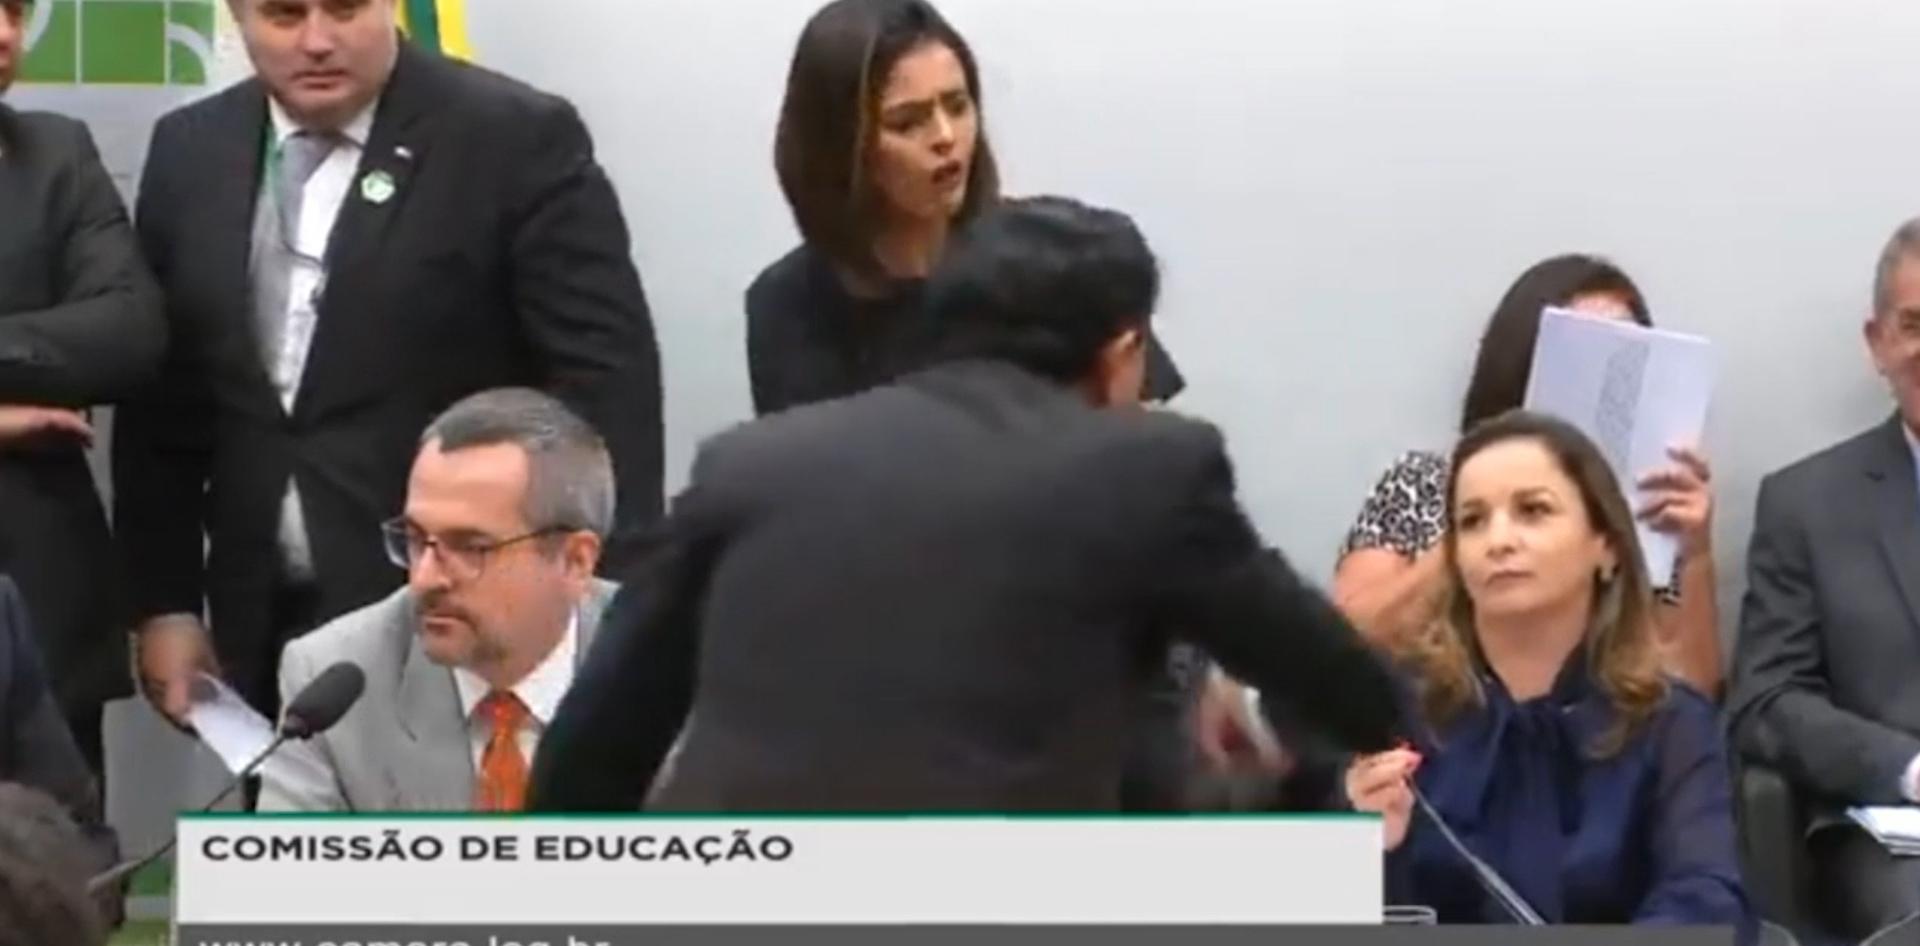 Vídeo: Confusão na Comissão de Educação